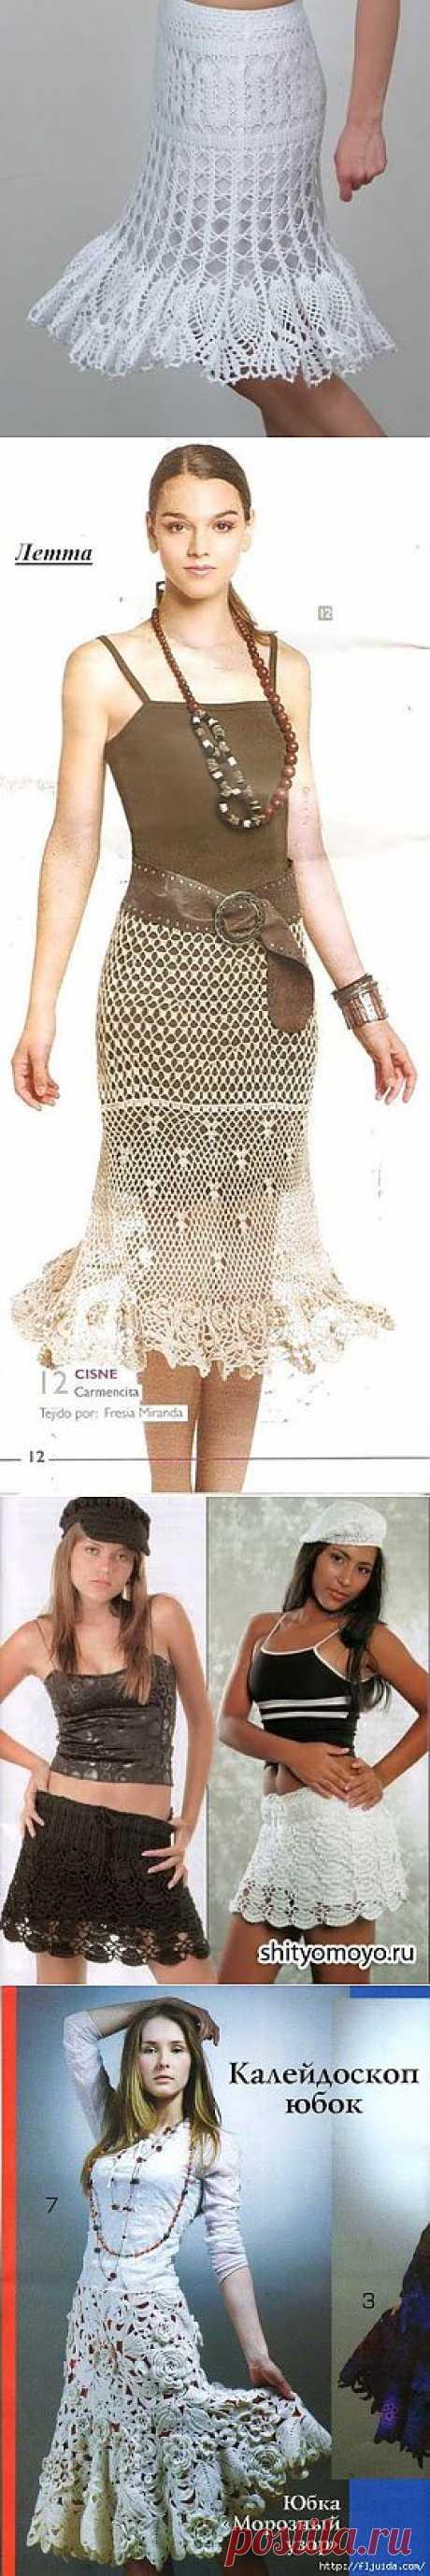 9 часть. Вяжем крючком стильные юбки..